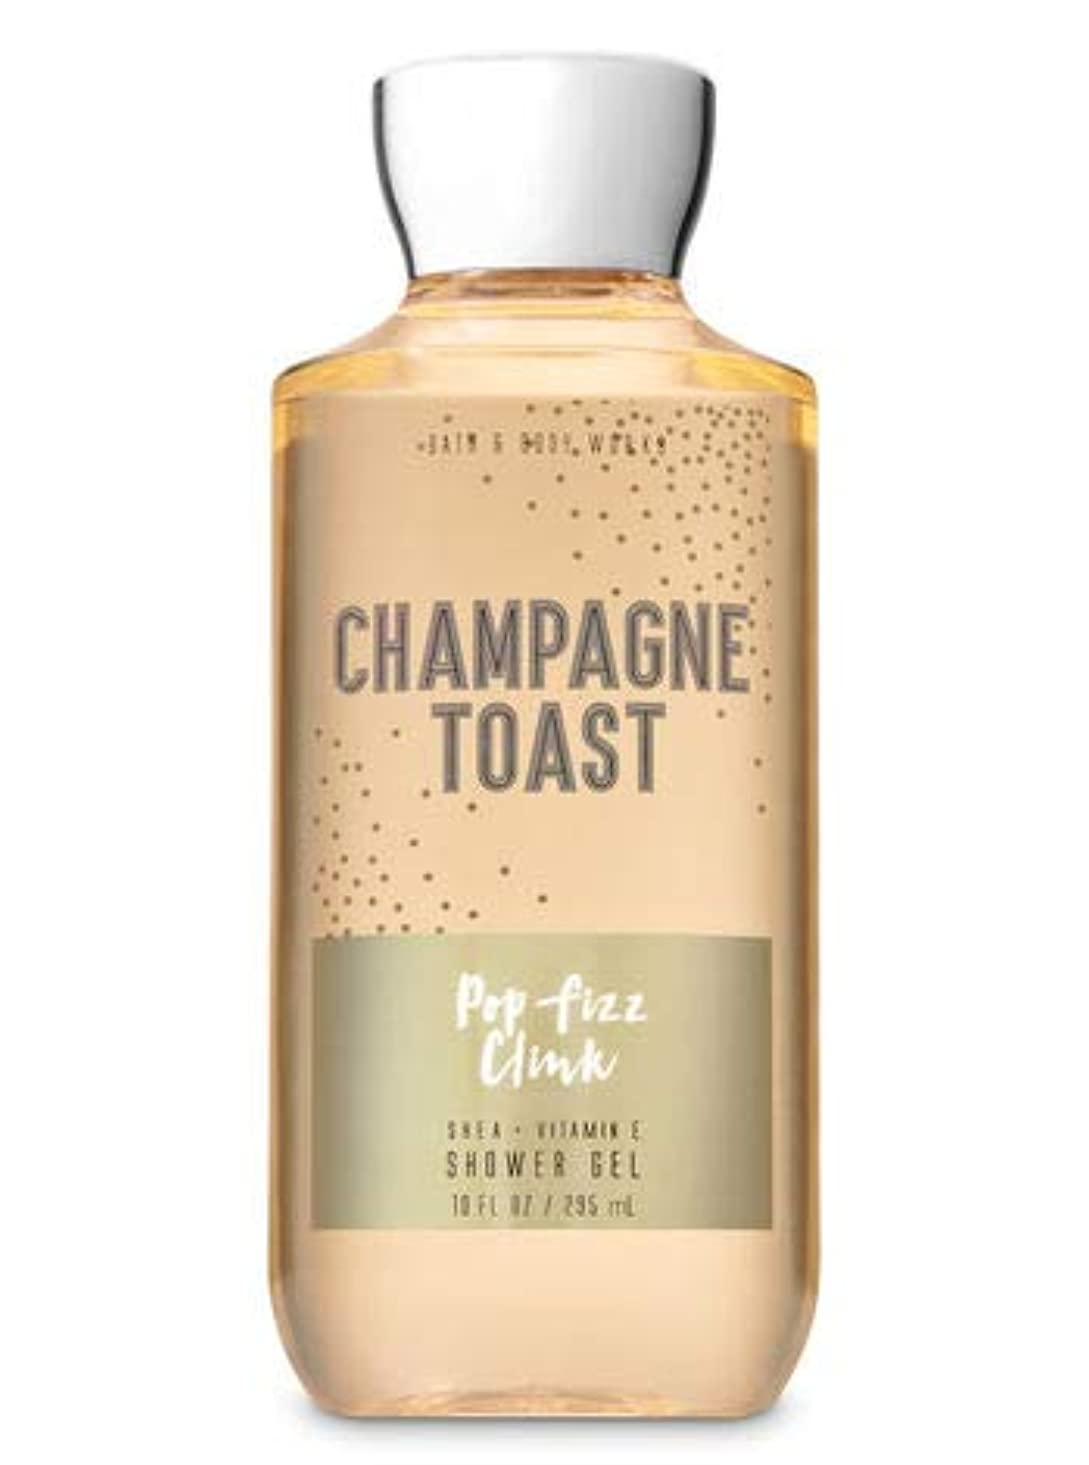 単位道に迷いました剃る【Bath&Body Works/バス&ボディワークス】 シャワージェル シャンパントースト Shower Gel Champagne Toast 10 fl oz / 295 mL [並行輸入品]